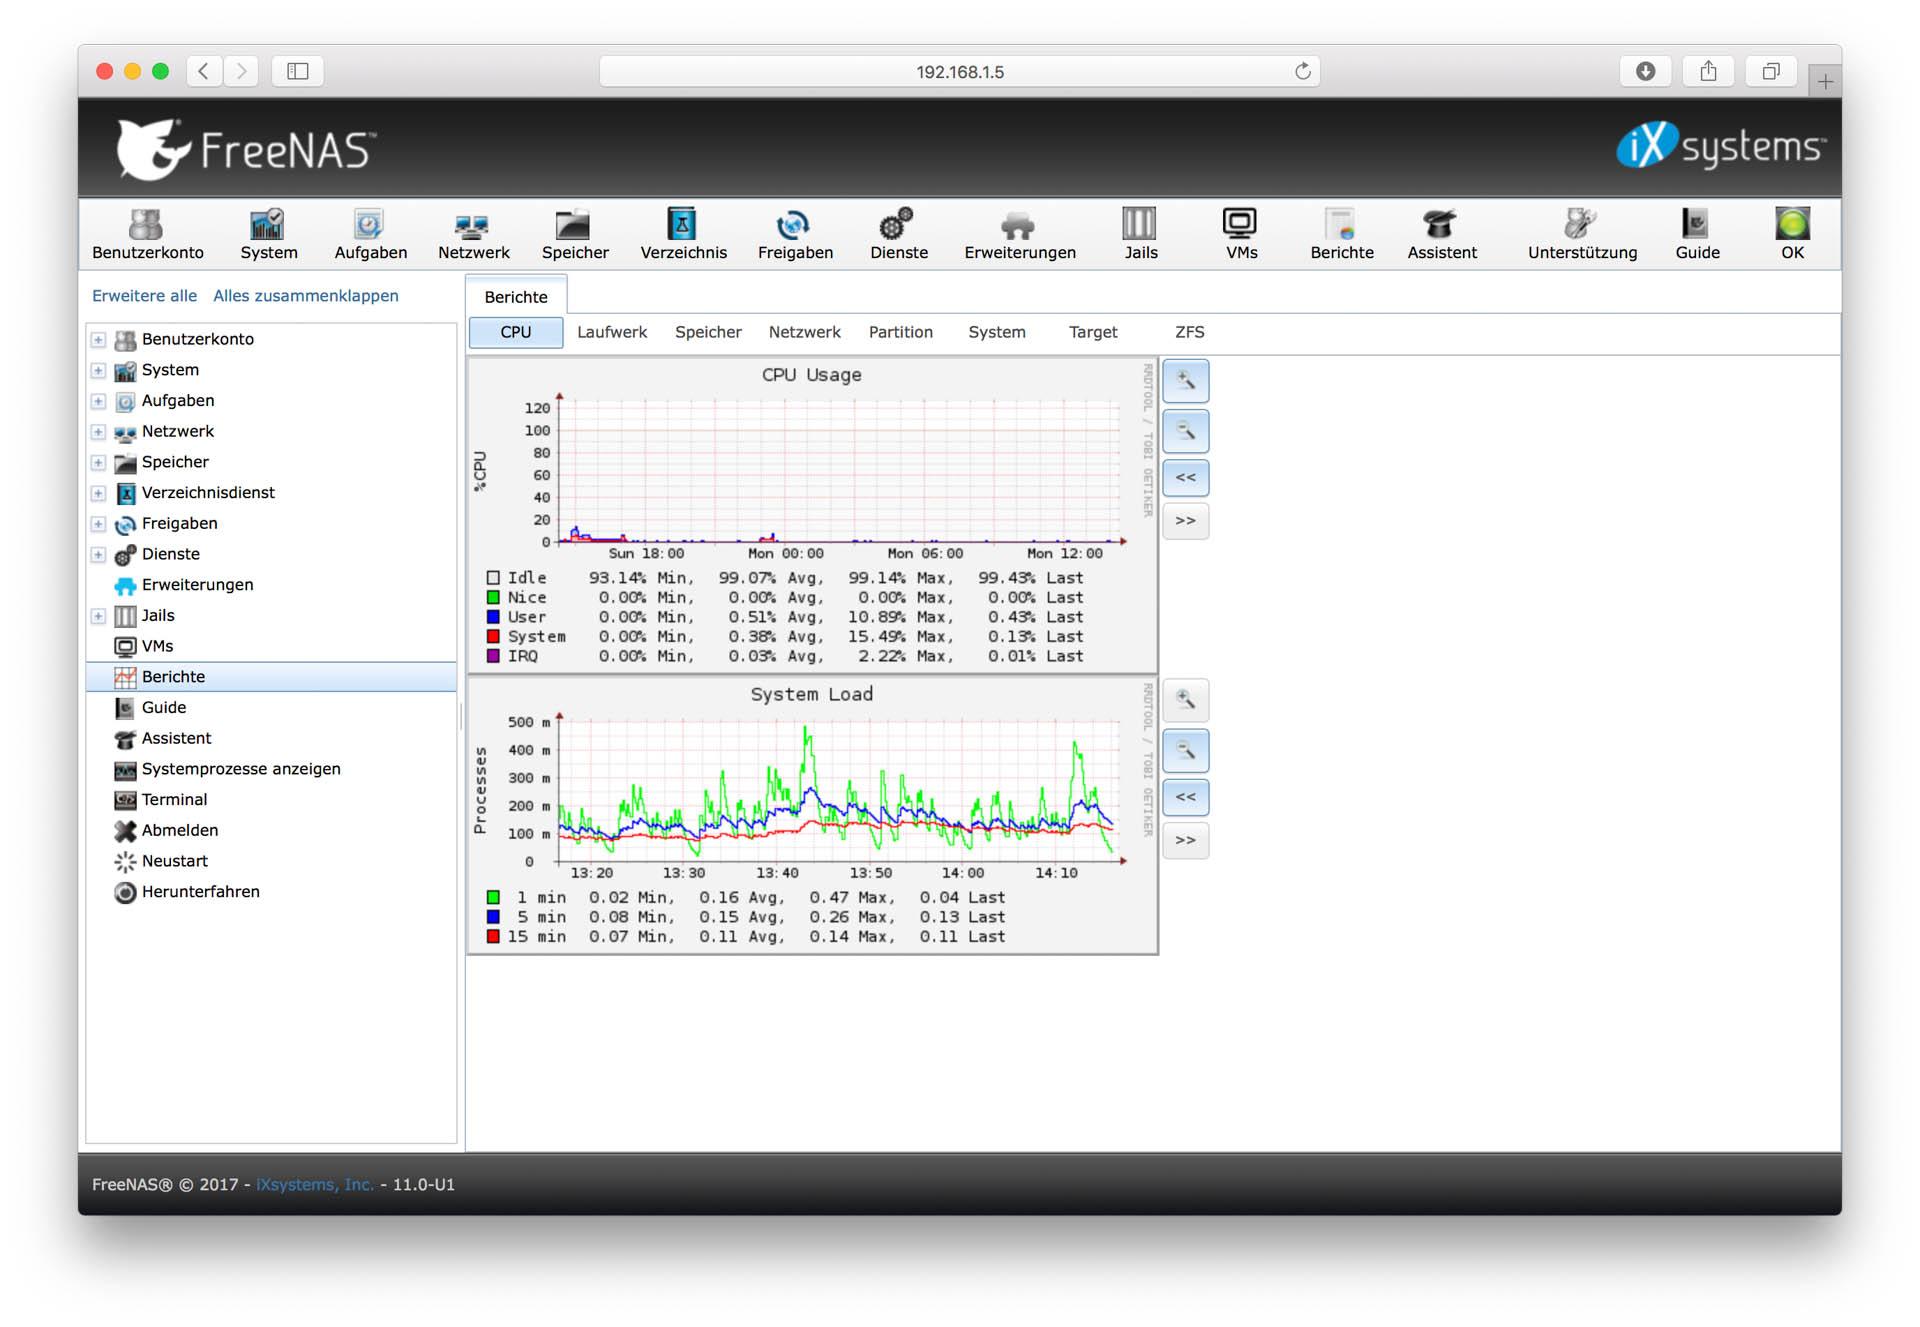 Günstiges FreeNAS System mit ECC RAM und Workstation